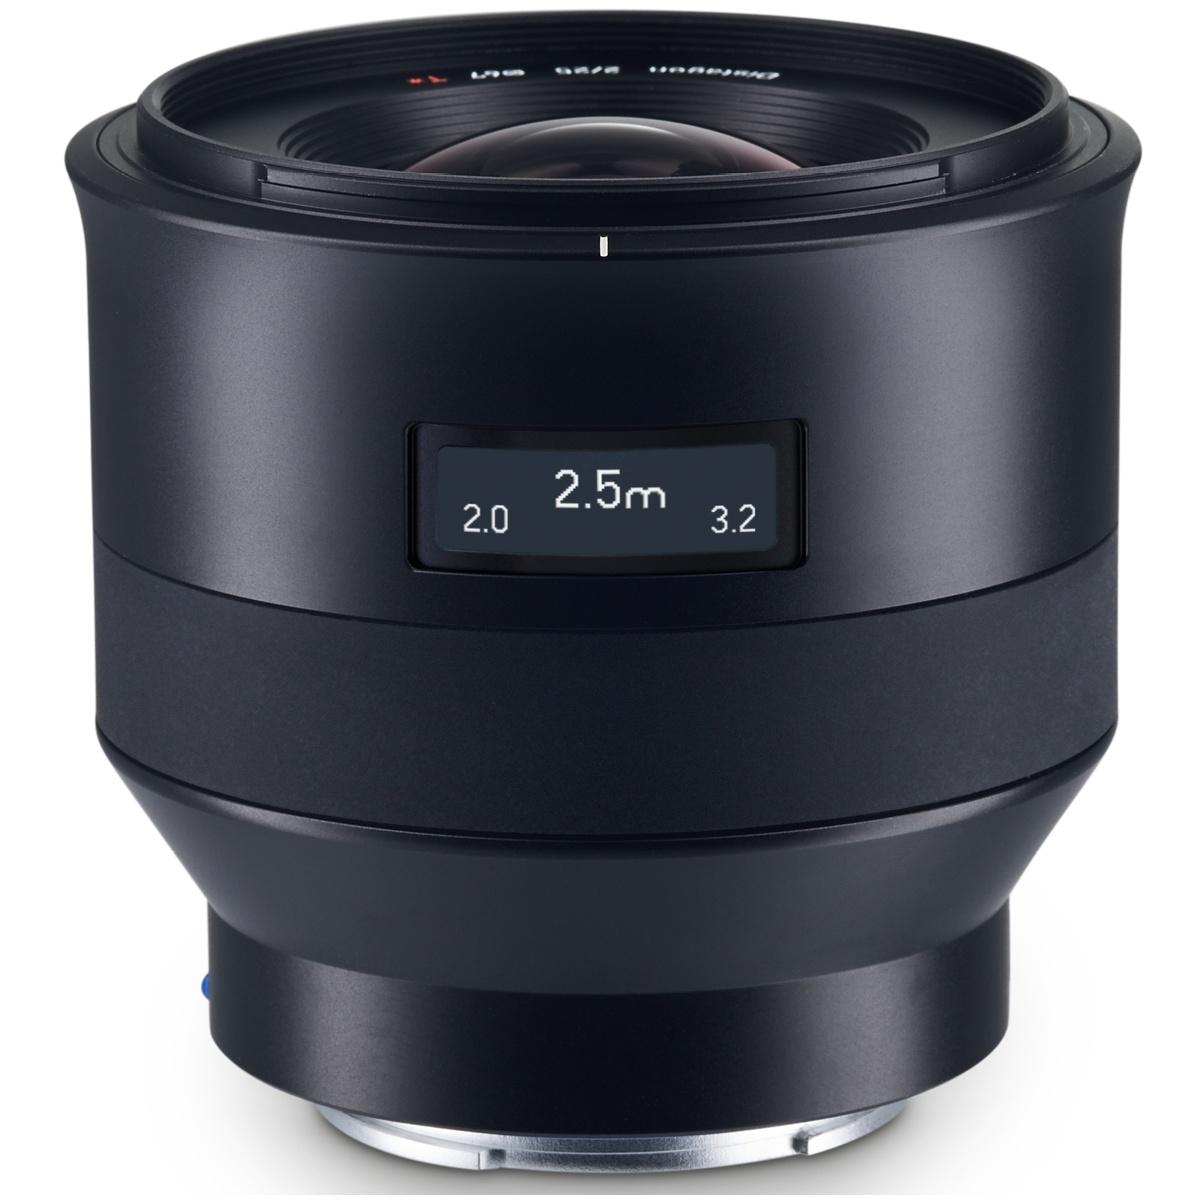 ZEISS Batis 2/25 Objektiv für Sony E-Mount für 969 Euro (Bestpreis) durch Sofortrabatt